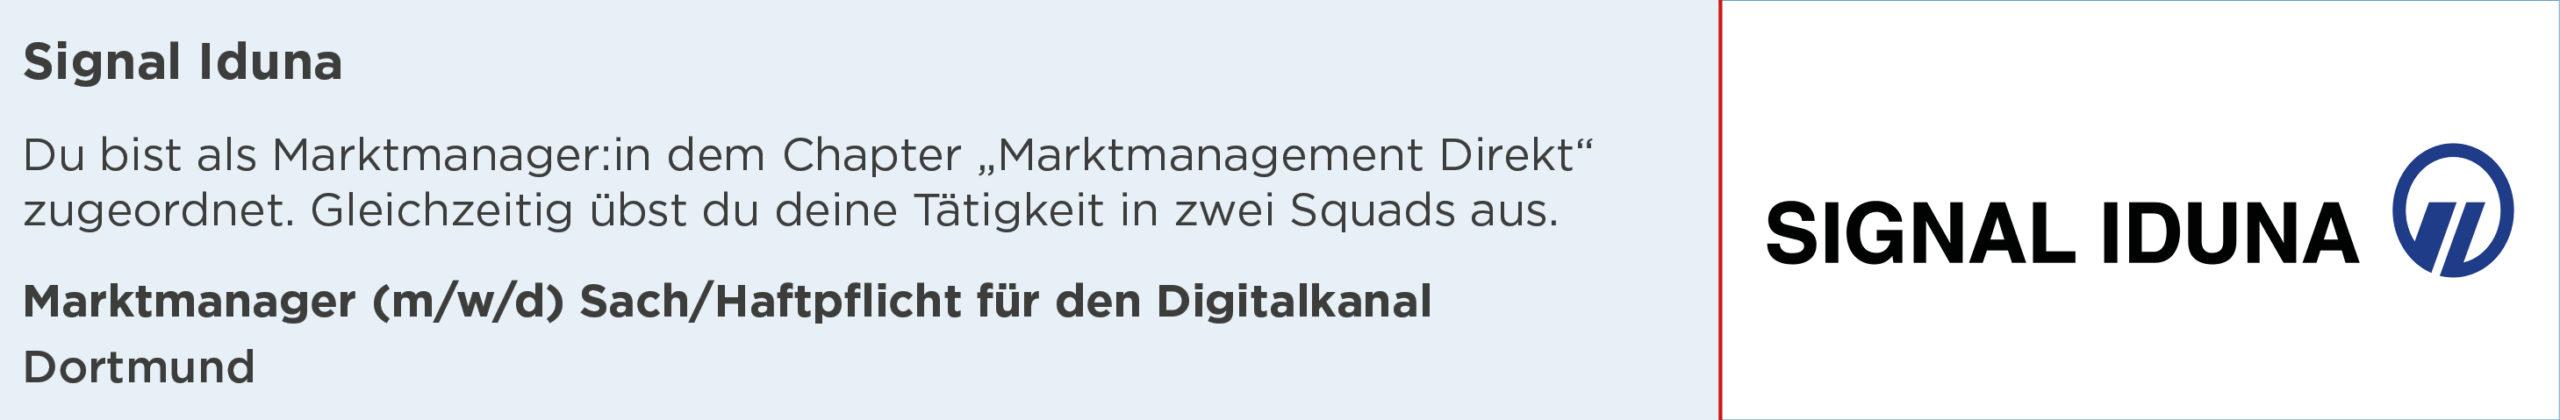 signal Iduna, marktmanager, sach, Haftpflicht, Digitalkanal, Stellenanzeige, dortmund